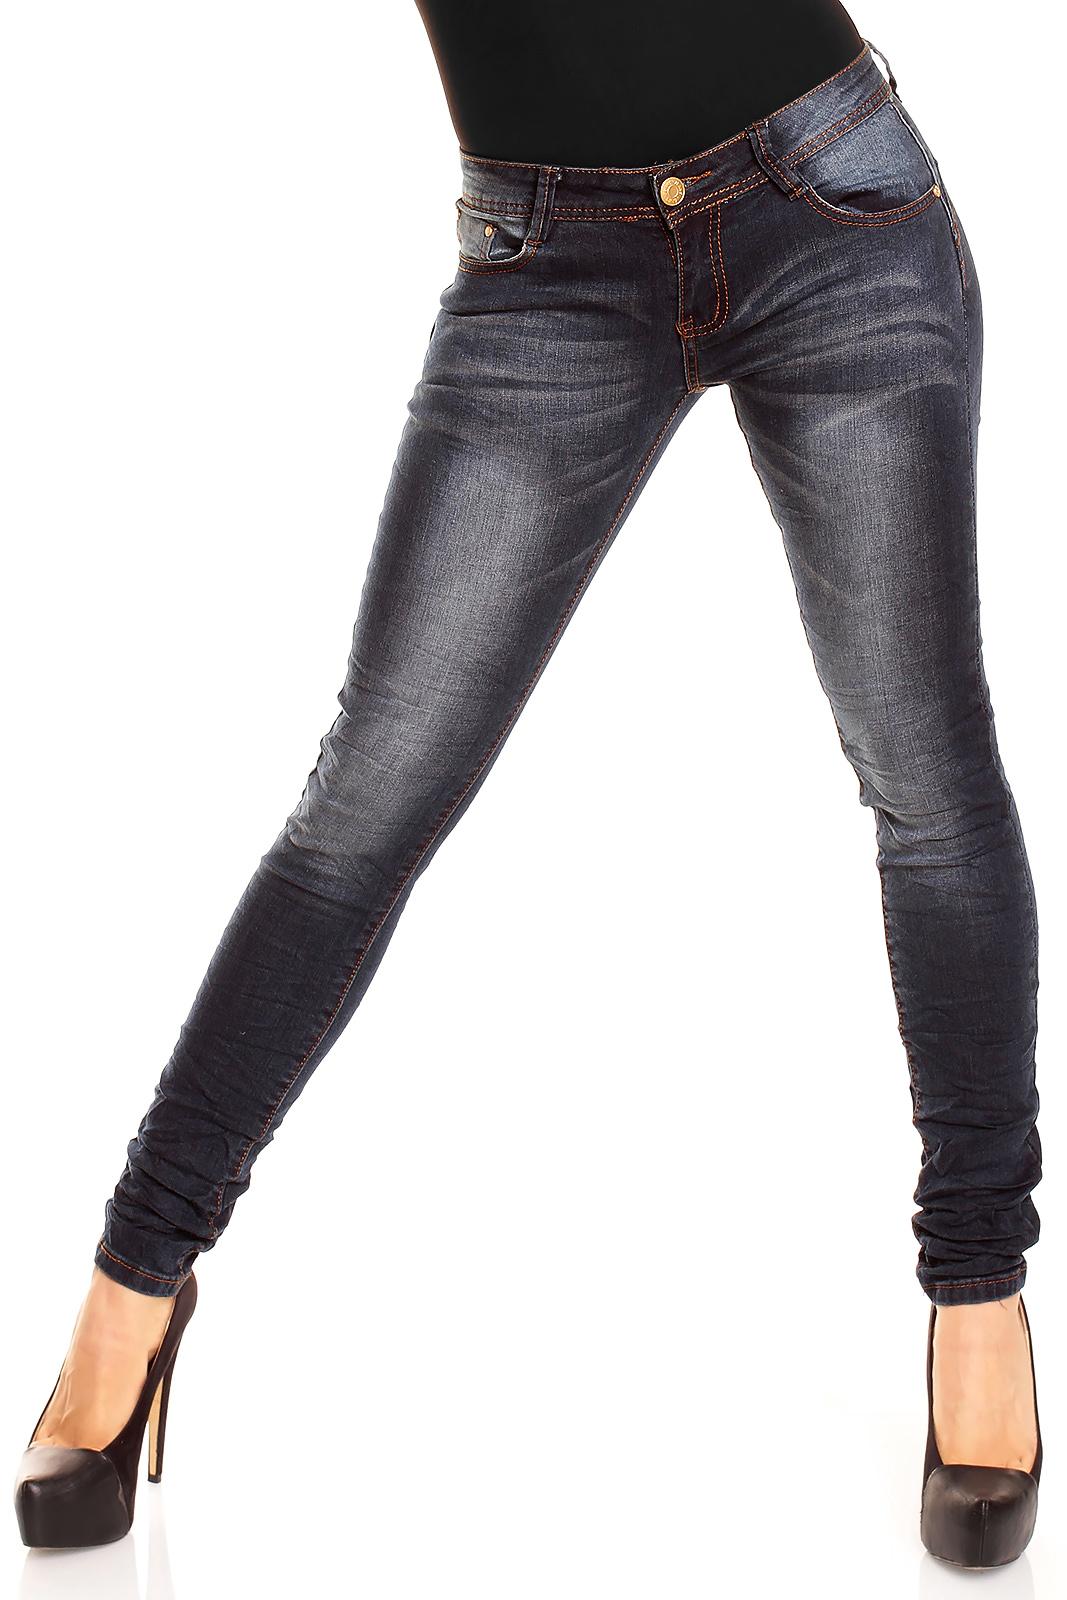 Dámské džíny Just F modrá (Dámské džíny)